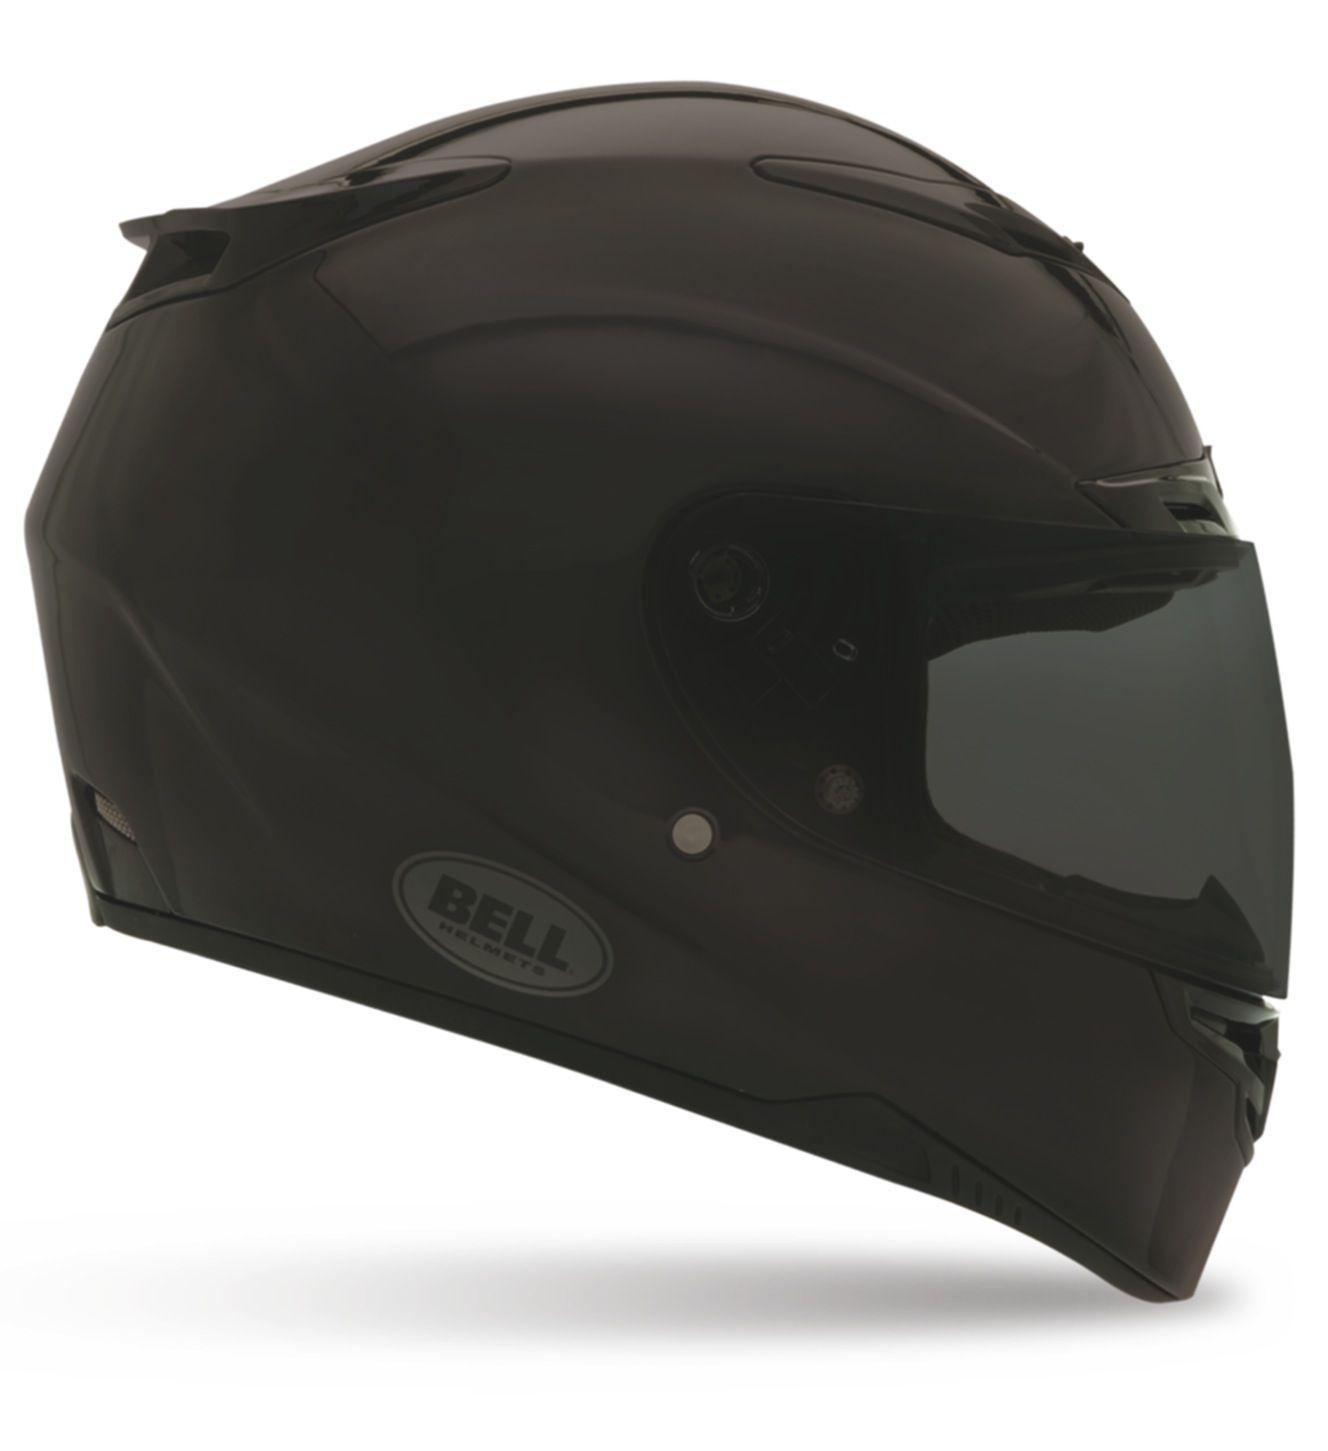 Bell Rs 1 Motorcycle Helmet